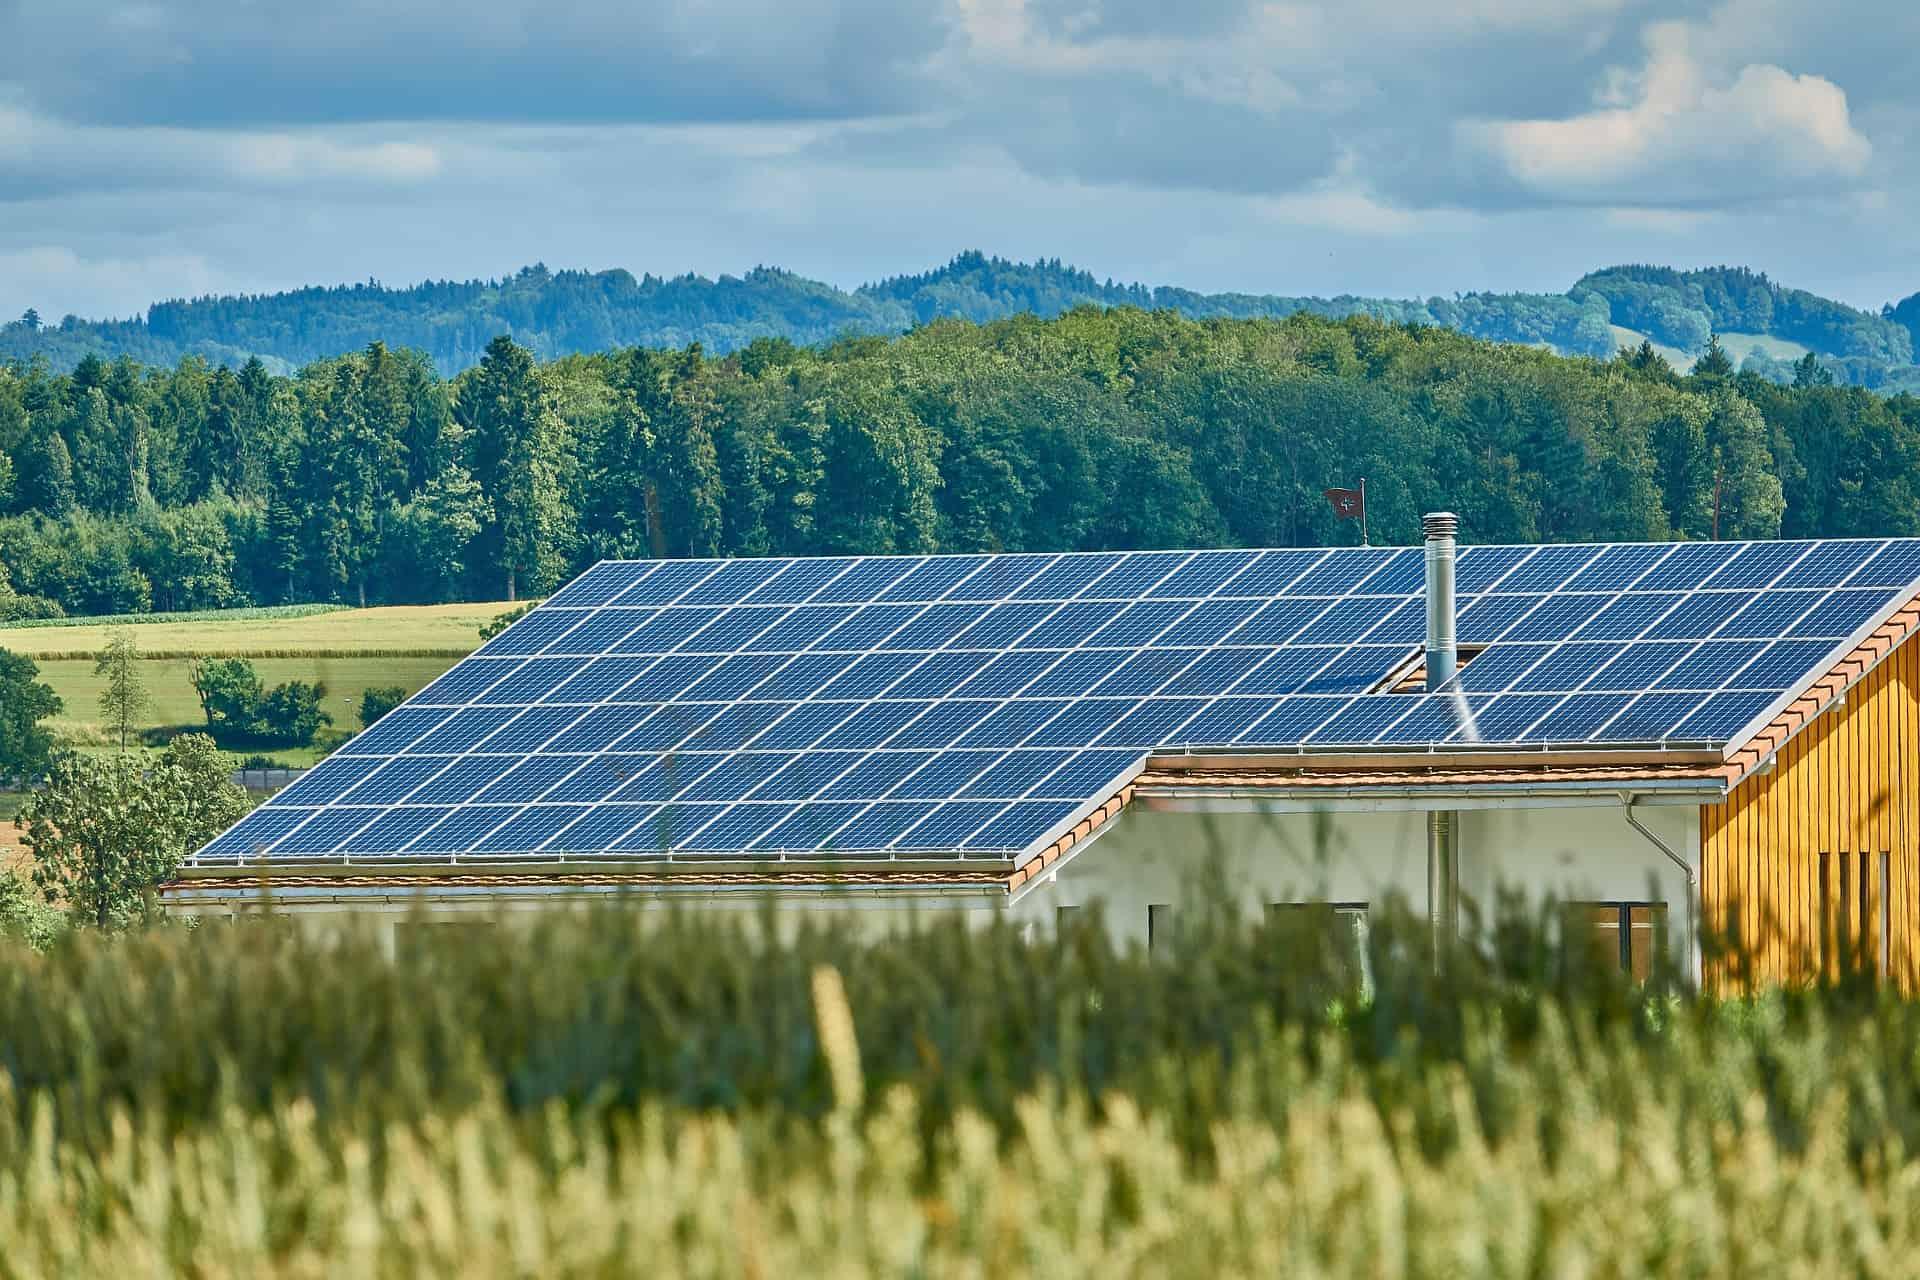 Foto de uma construção em meio à vegetação, com o telhado coberto de painéis solares, deixando espaço apenas para uma saída de chaminé.